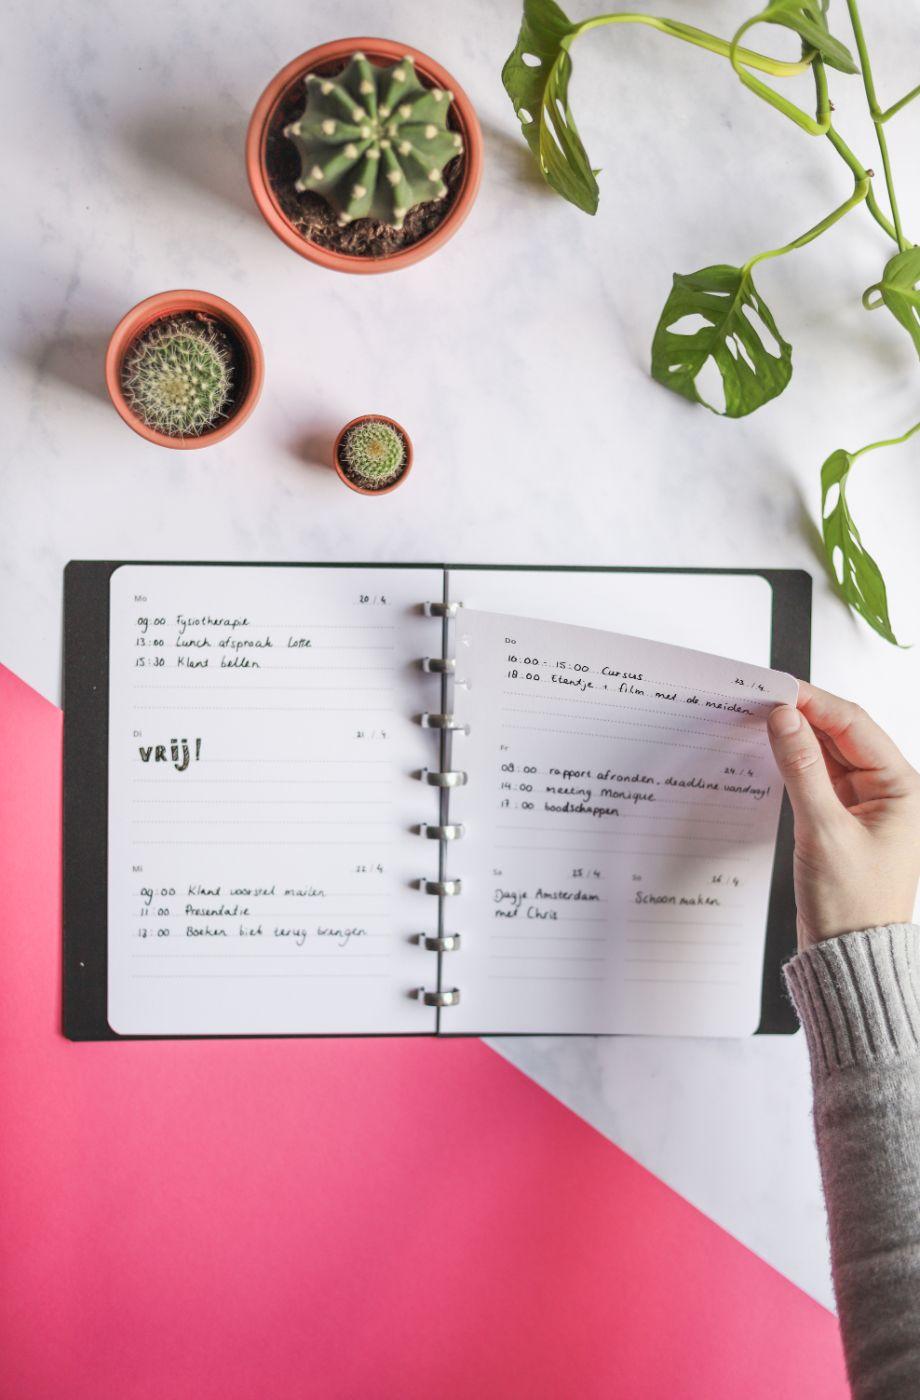 Klickbare A5 Whiteboard-Seiten für den wiederverwendbaren Asoki Planer